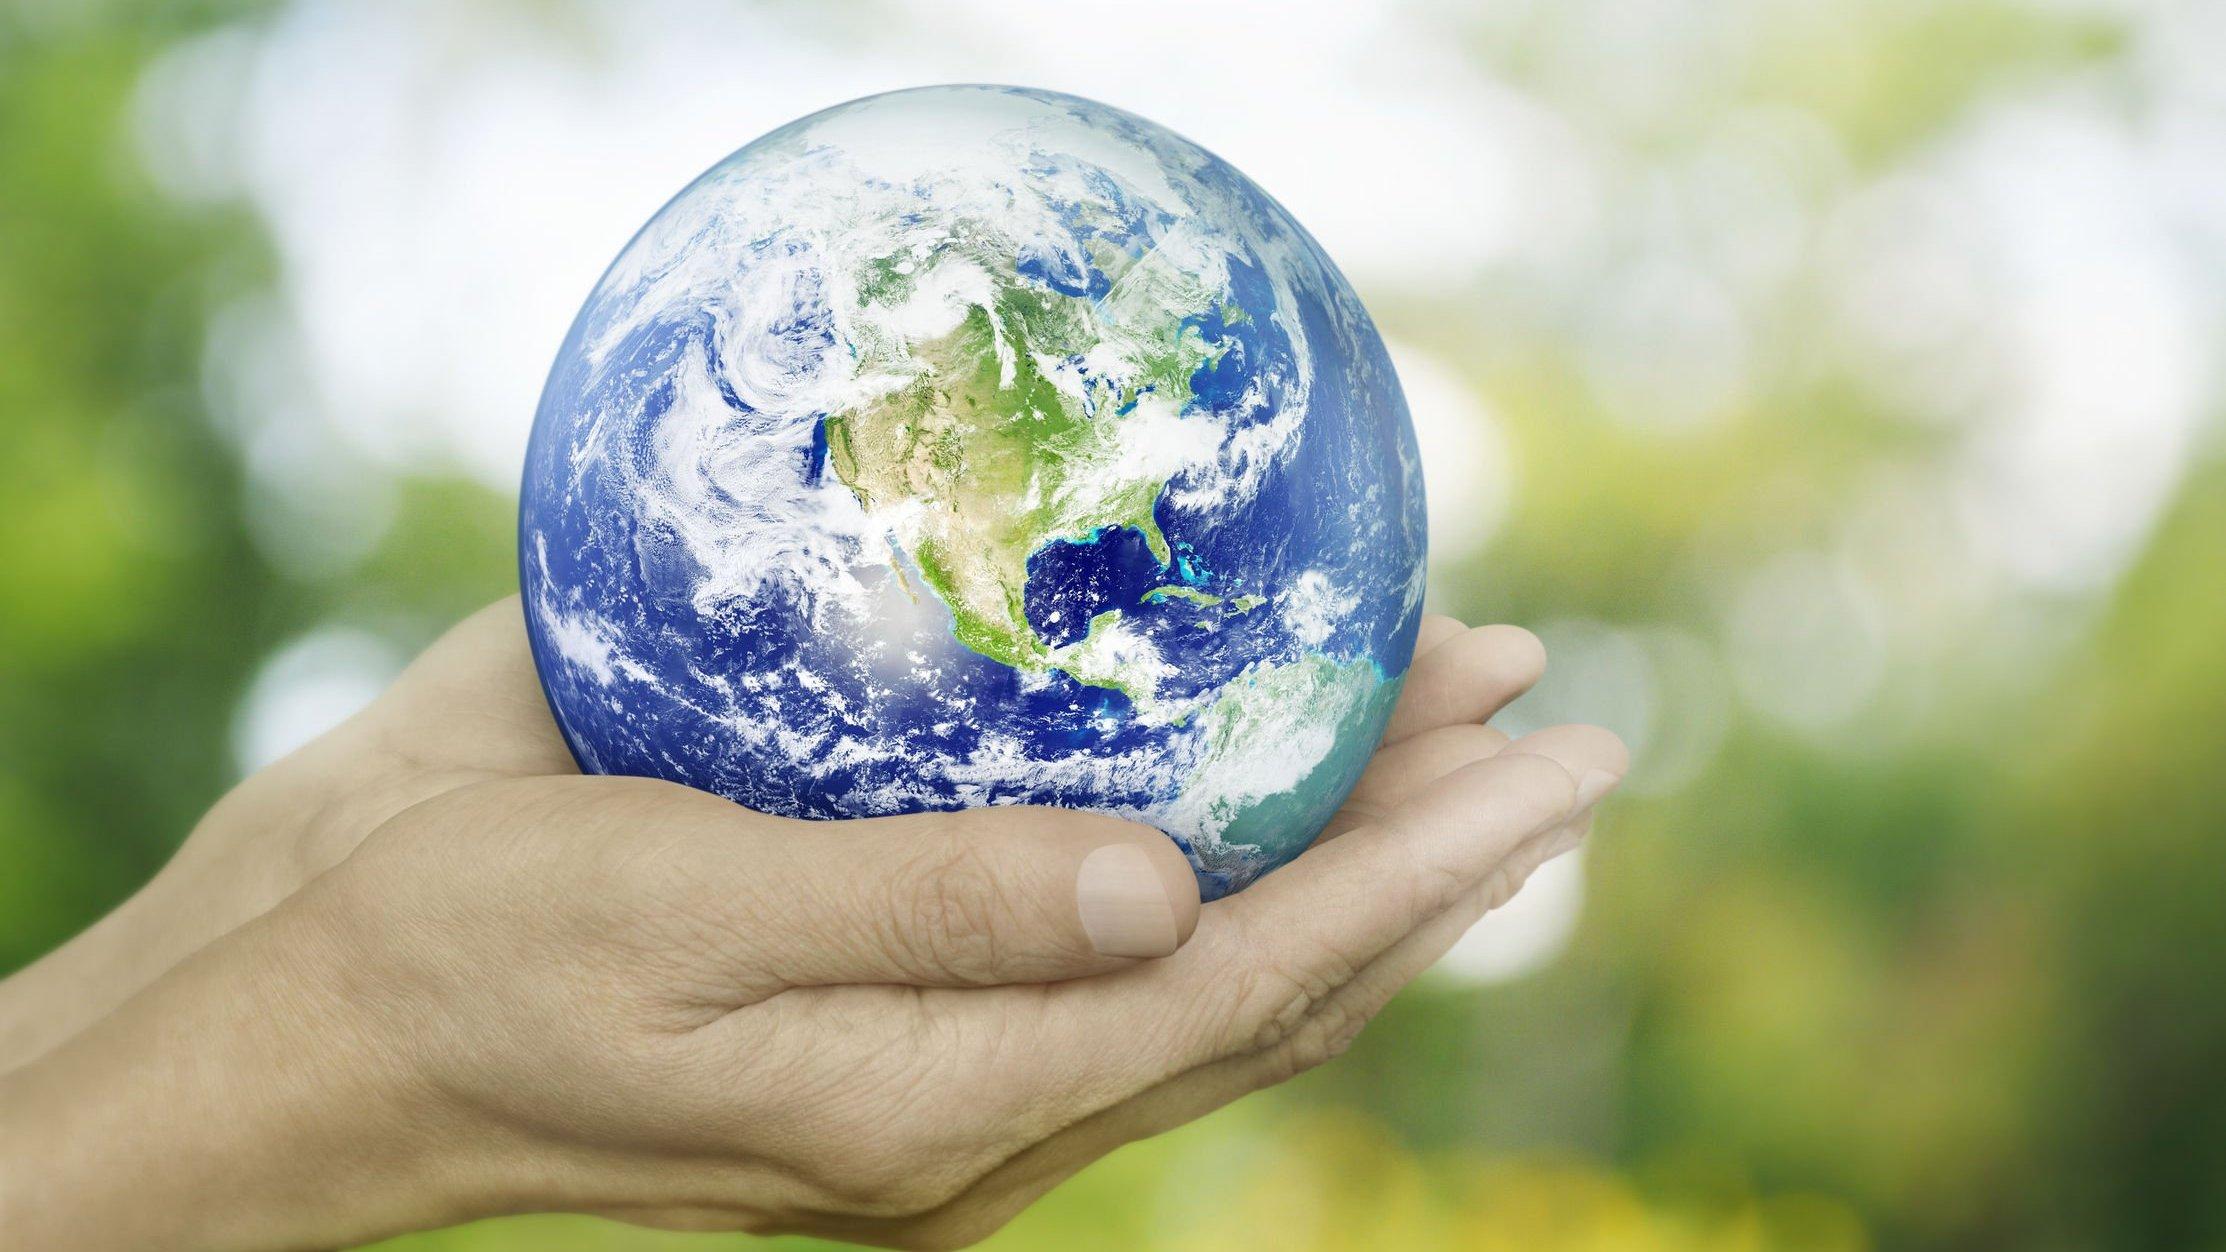 Mãos segurando uma miniatura do planeta Terra.